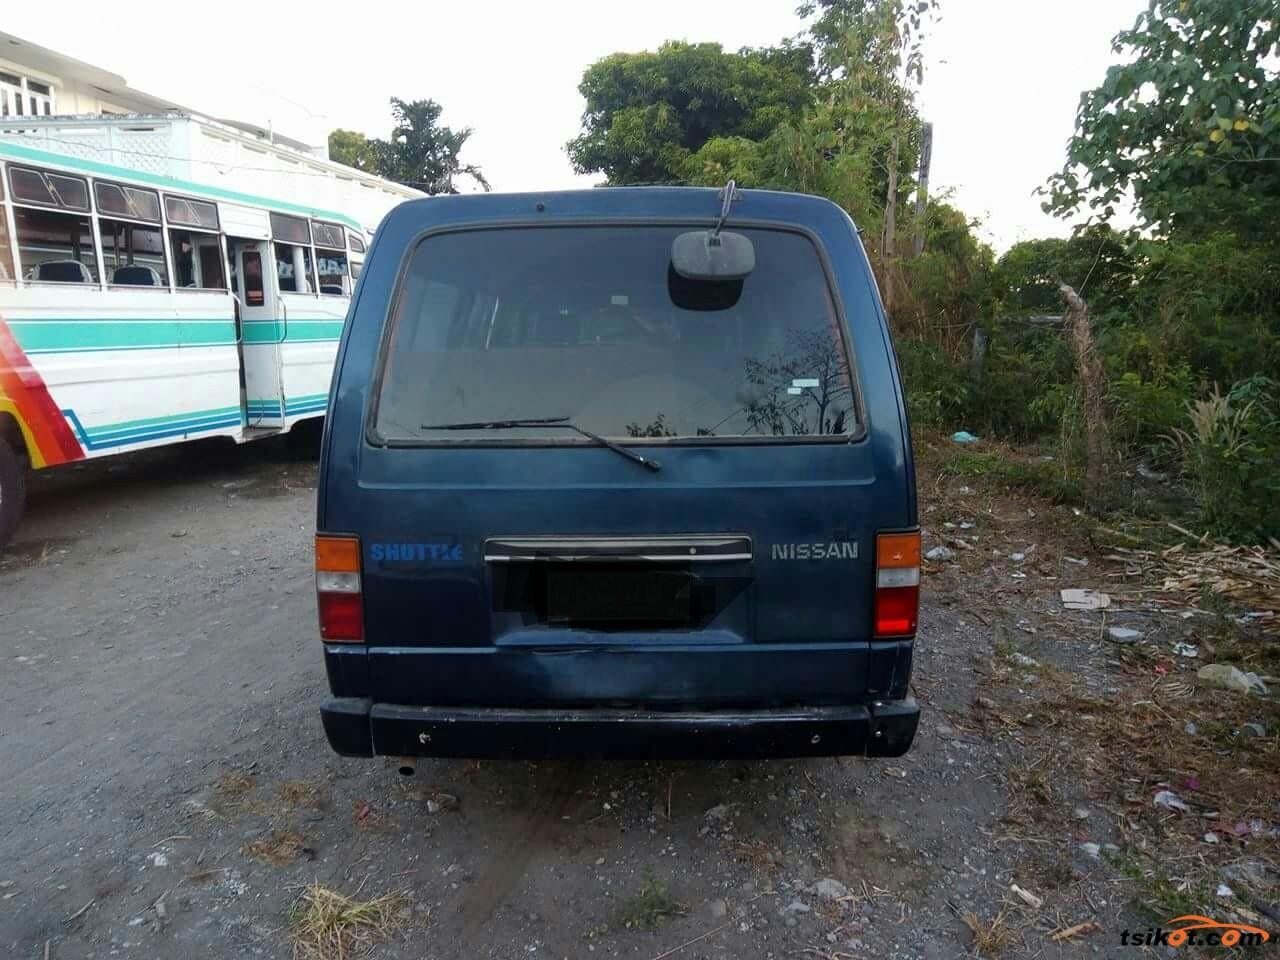 Nissan Urvan 1997 - 1